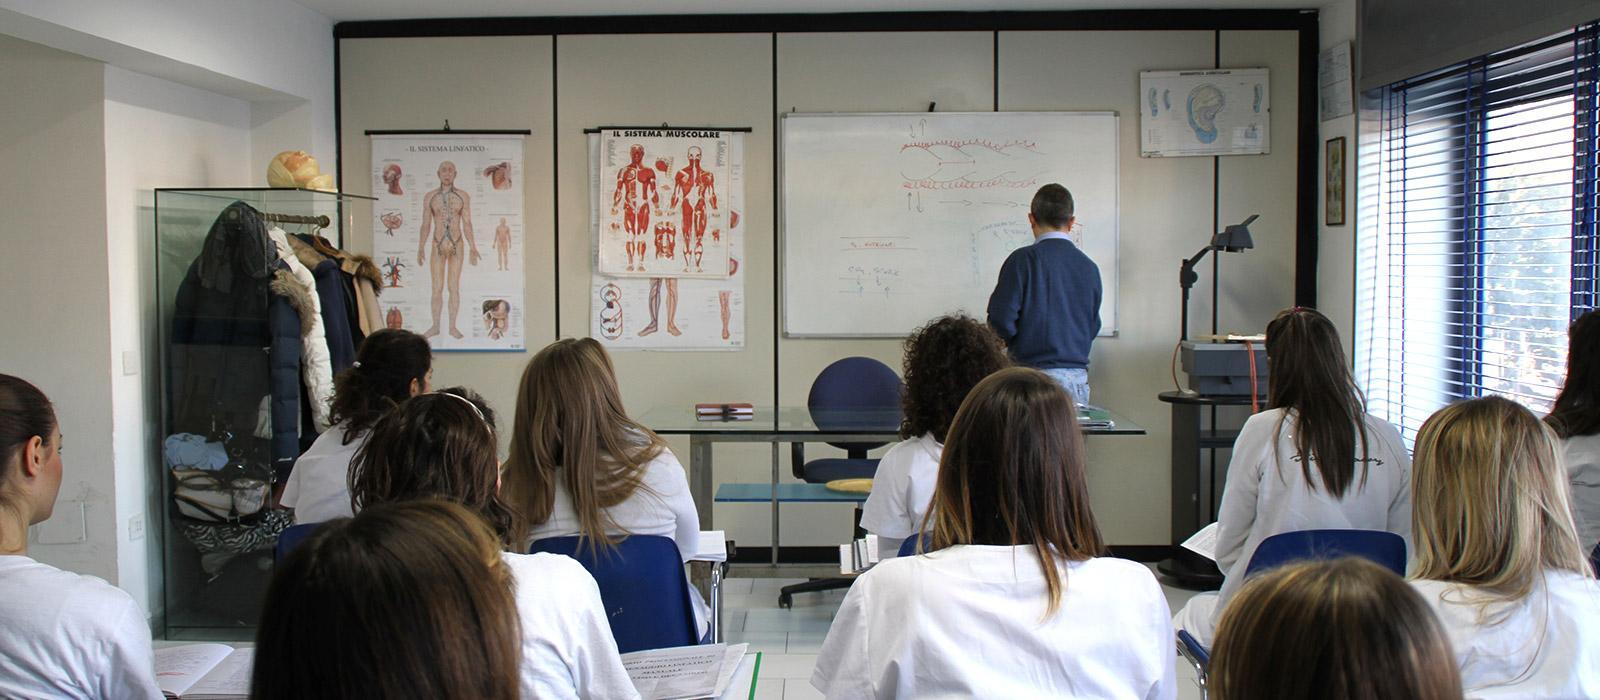 Allievi della scuoal di estetica durante una lezione